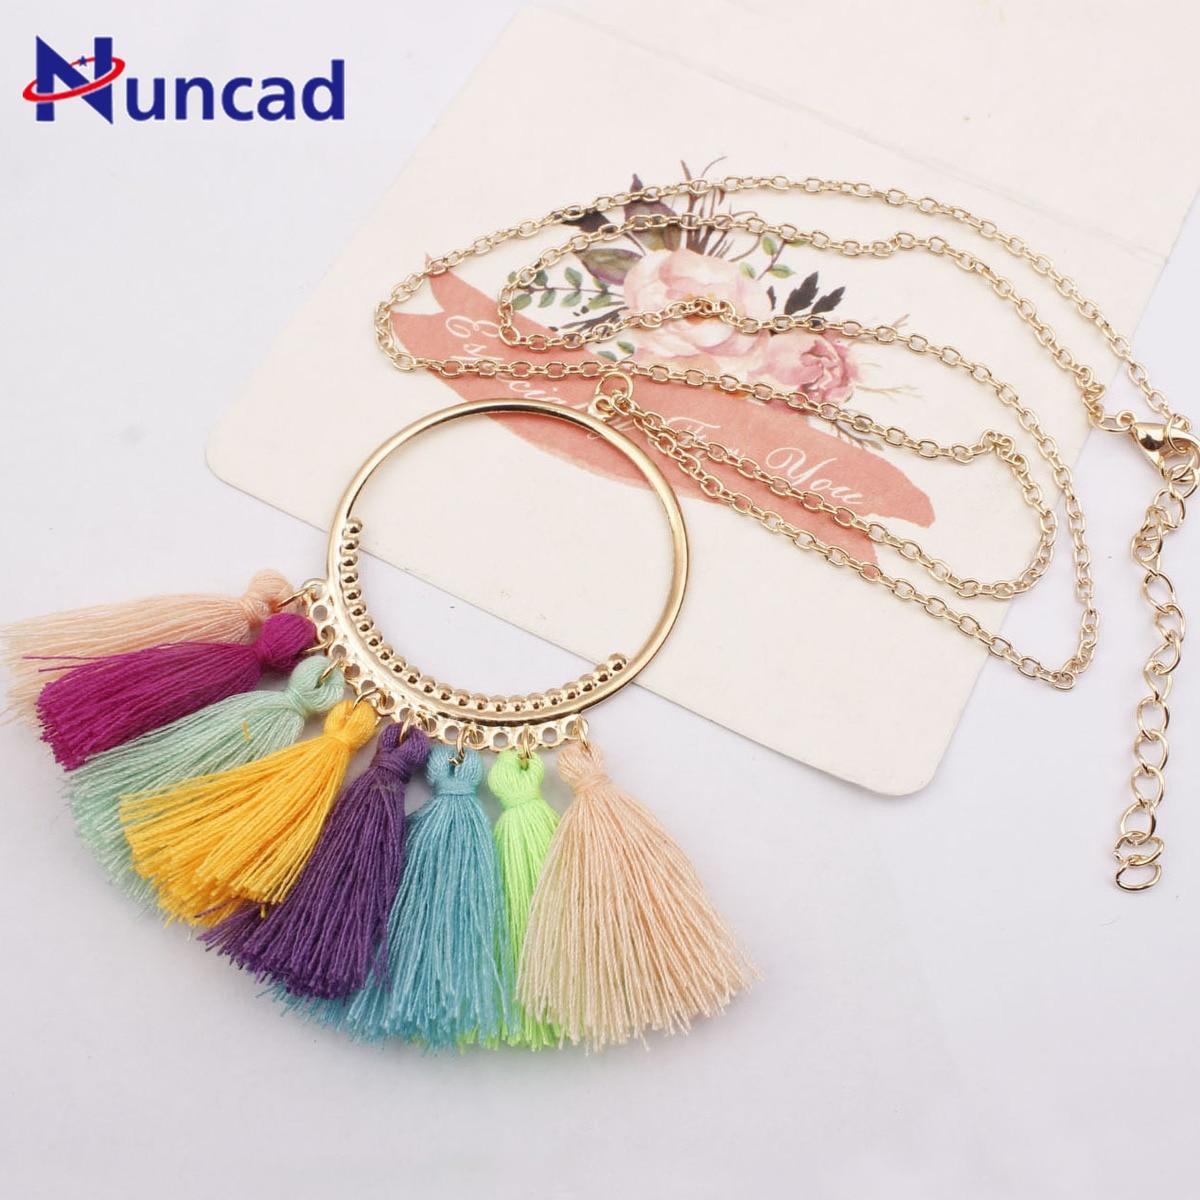 Neue Stil Multicolor Quasten Anhänger Halskette Frau Mode Ornamente Lange Kette Böhmen Gold Halskette Weibliche Zubehör